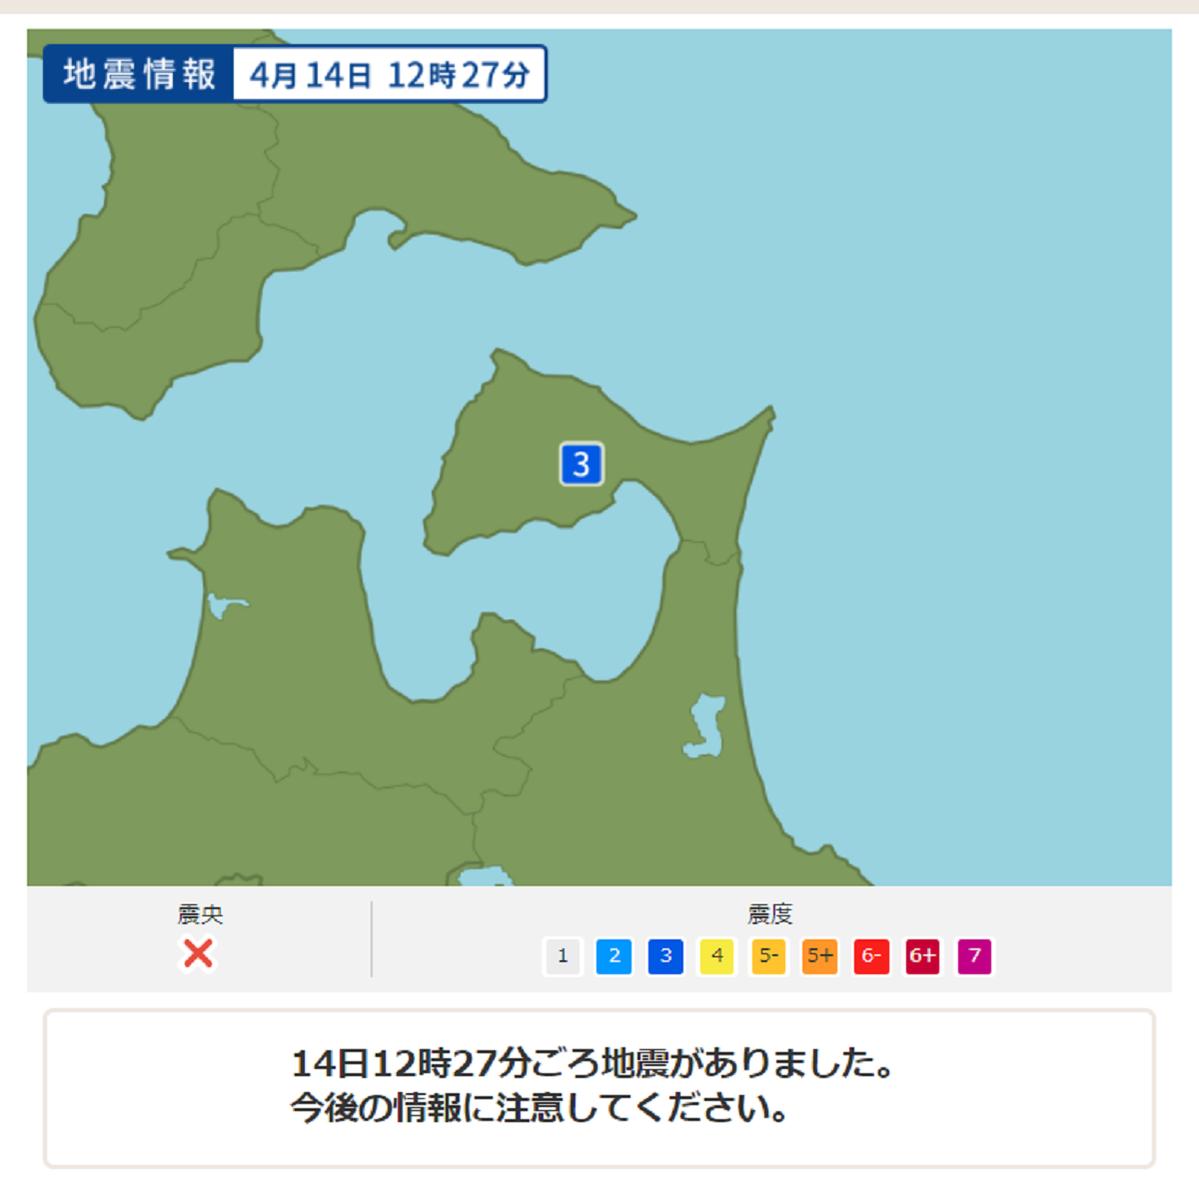 震源地青森県北下震度3 陸奥半島で地震